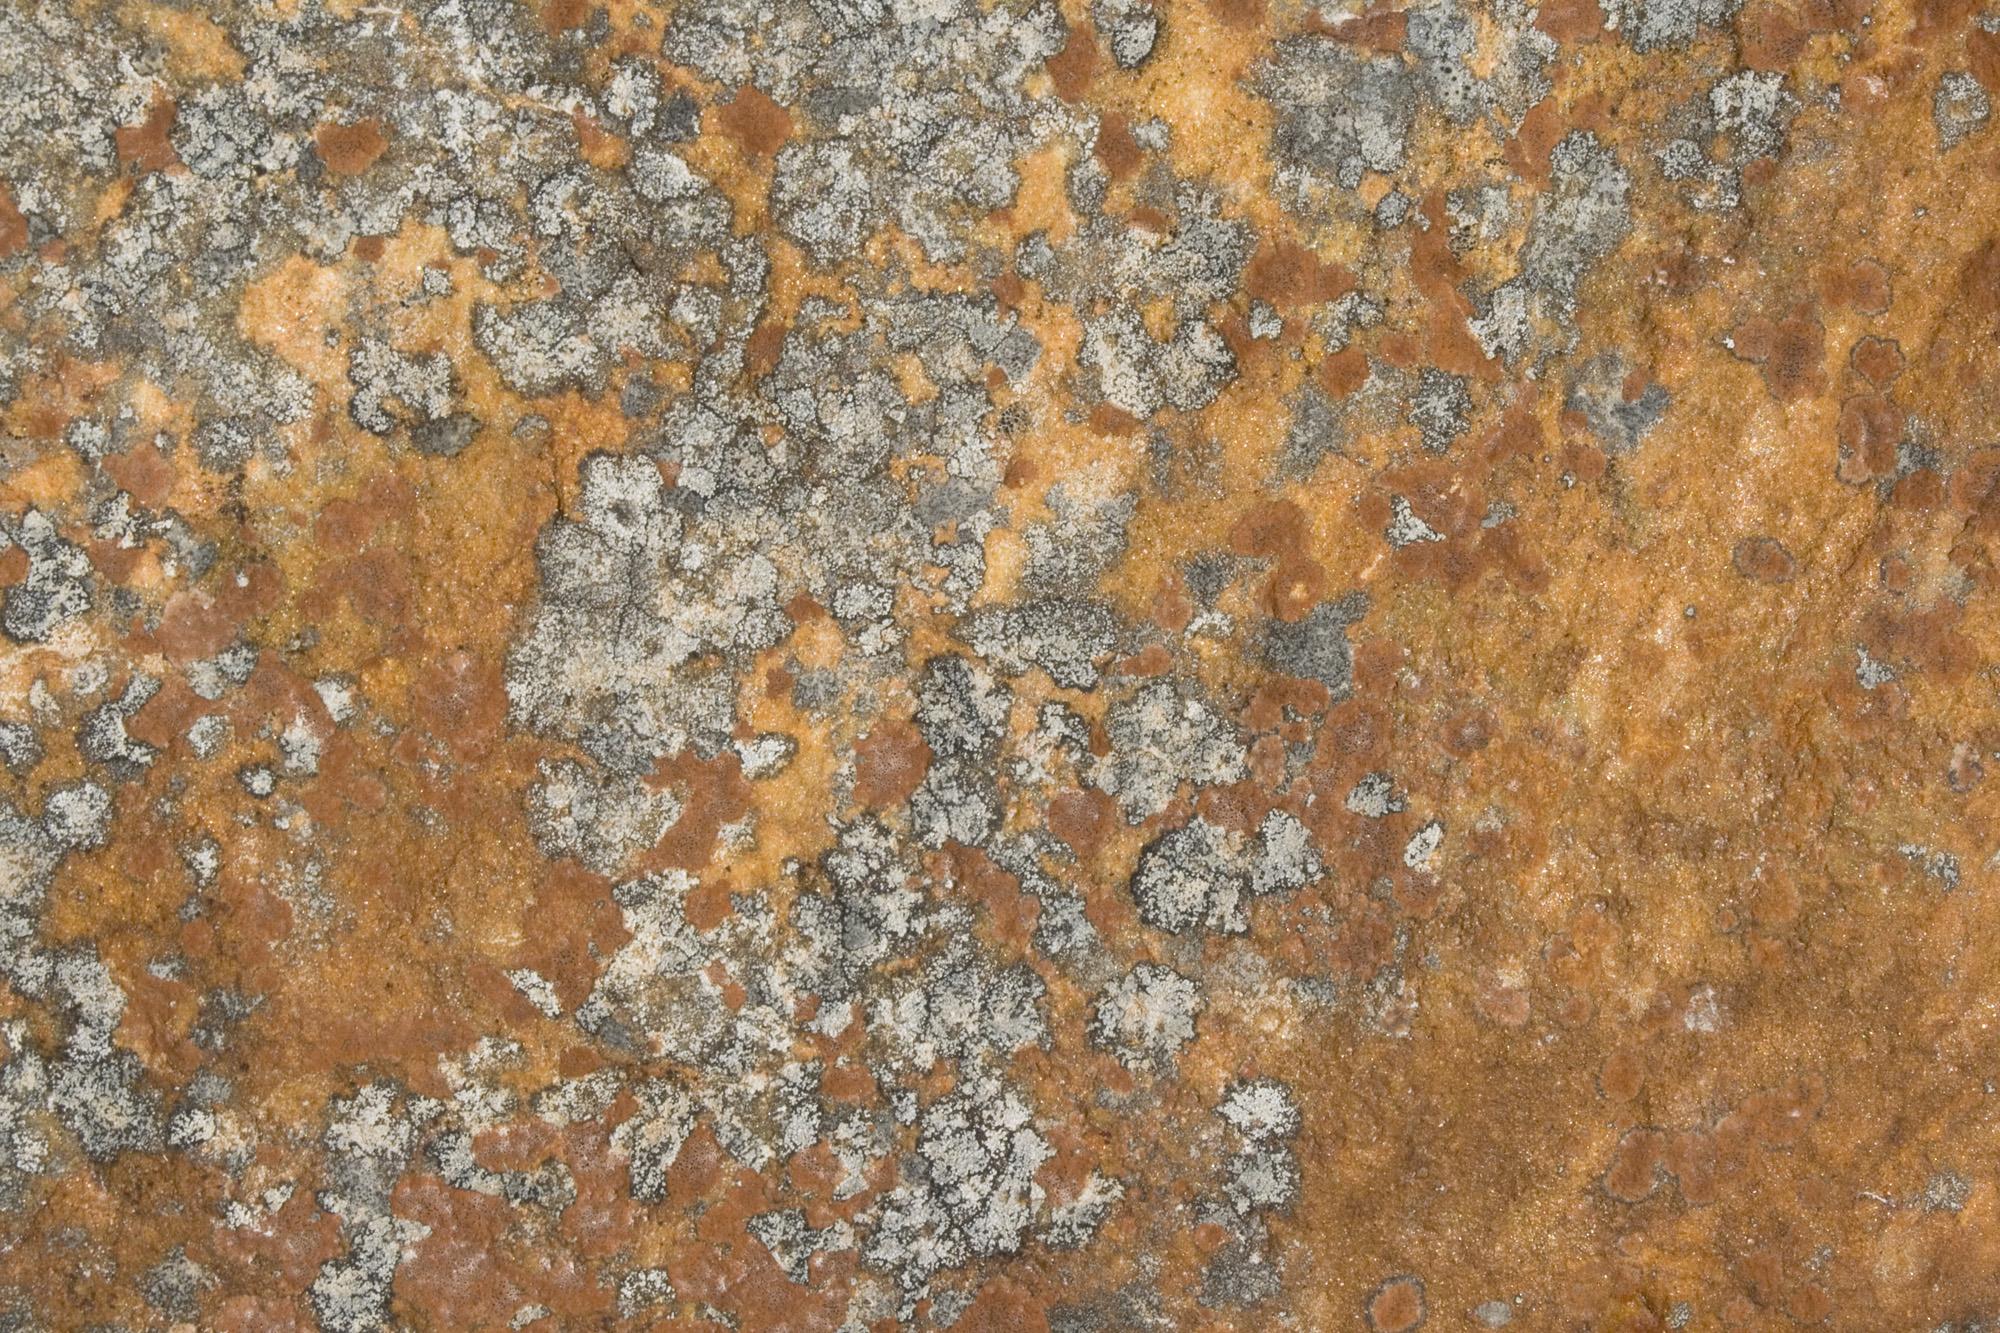 Textures Of Jasper National Park Stone Worn And Lichen